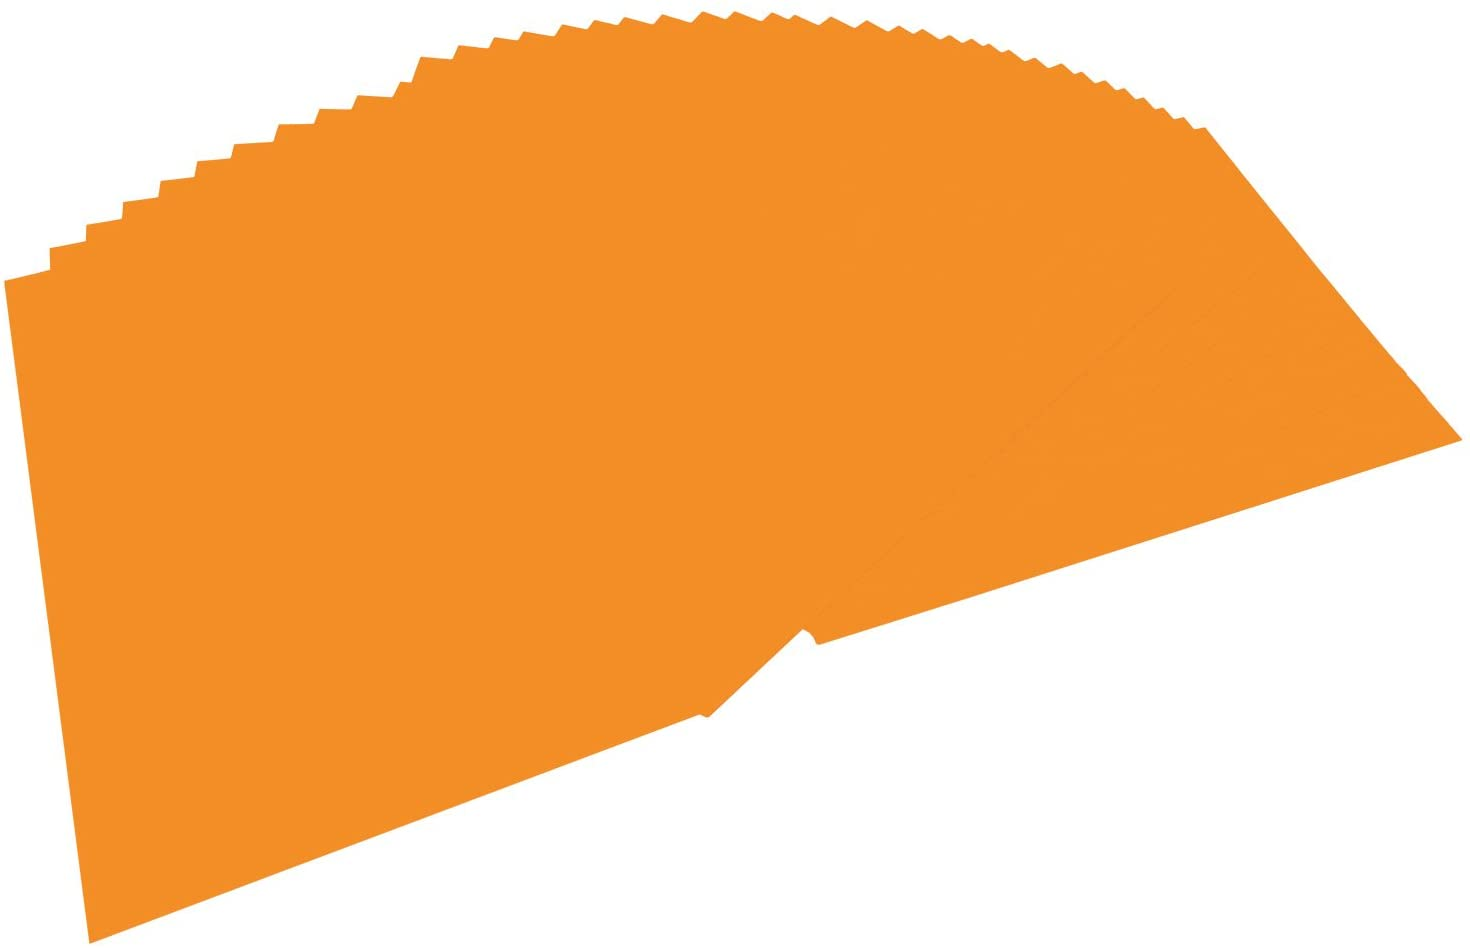 folia 6417 - Tonpapier ocker, DIN A4, 130 g/qm, 100 Blatt - zum Basteln und kreativen Gestalten von